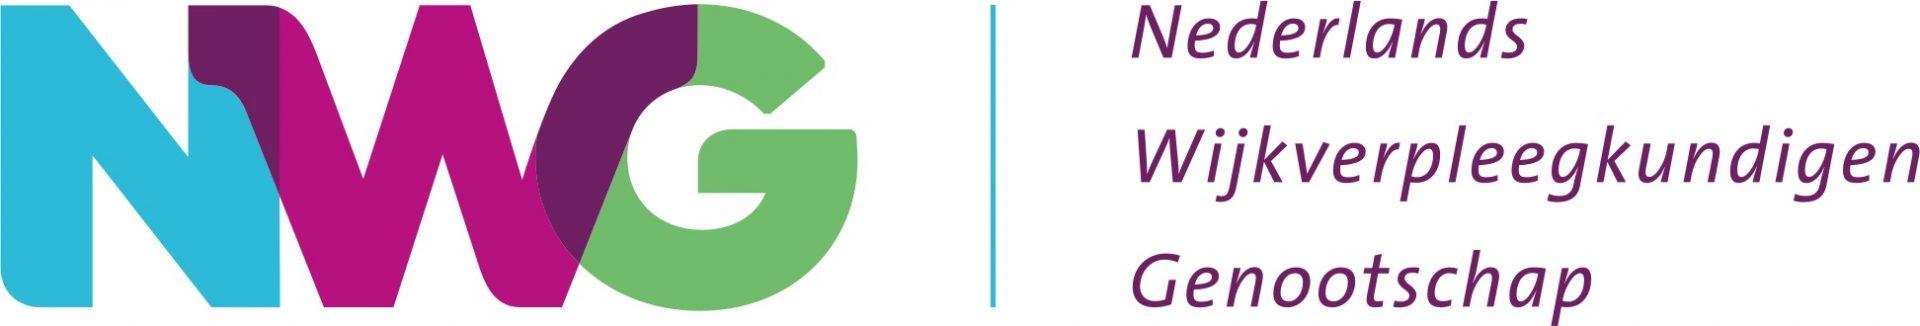 NWG_logo_rgb copy